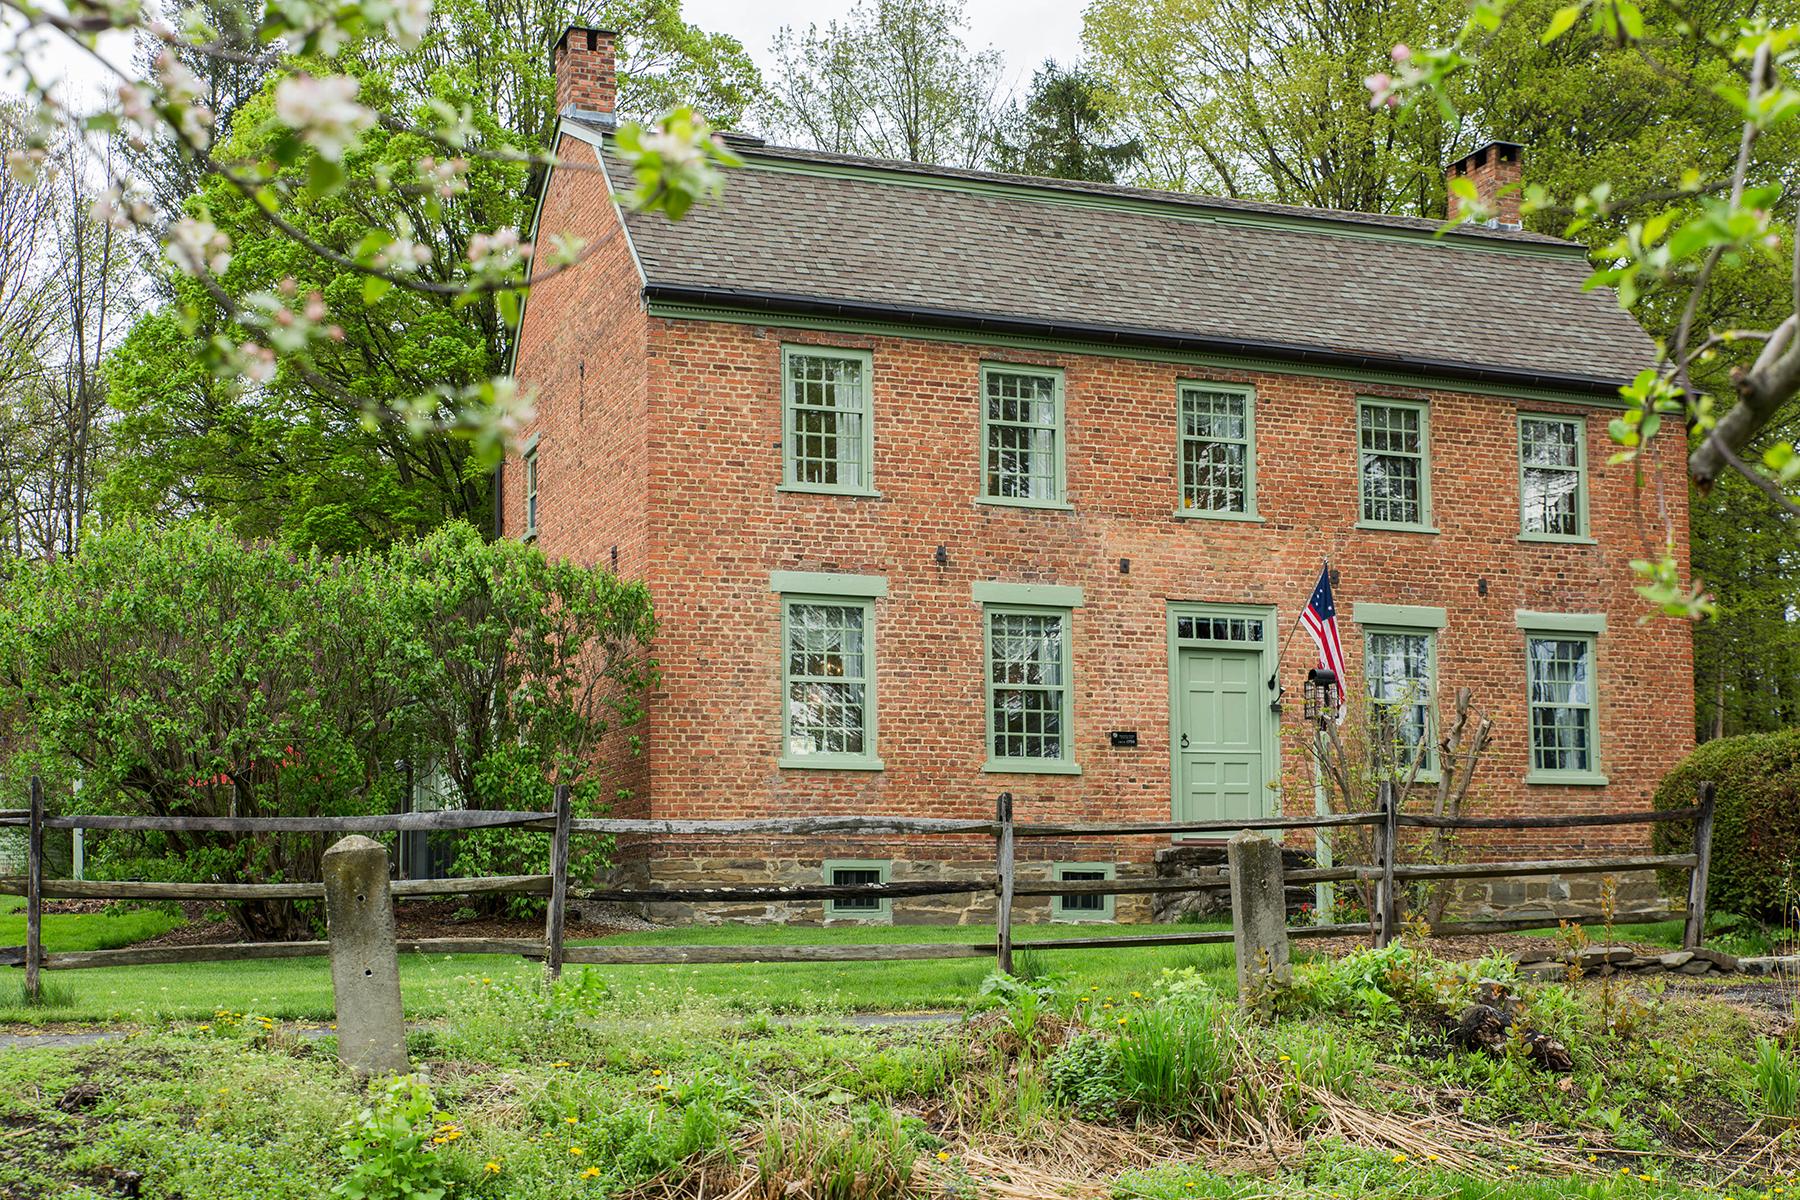 Casa Unifamiliar por un Venta en The Delamont-Wemple Farm 322 Wemple Rd Rotterdam, Nueva York 12306 Estados Unidos